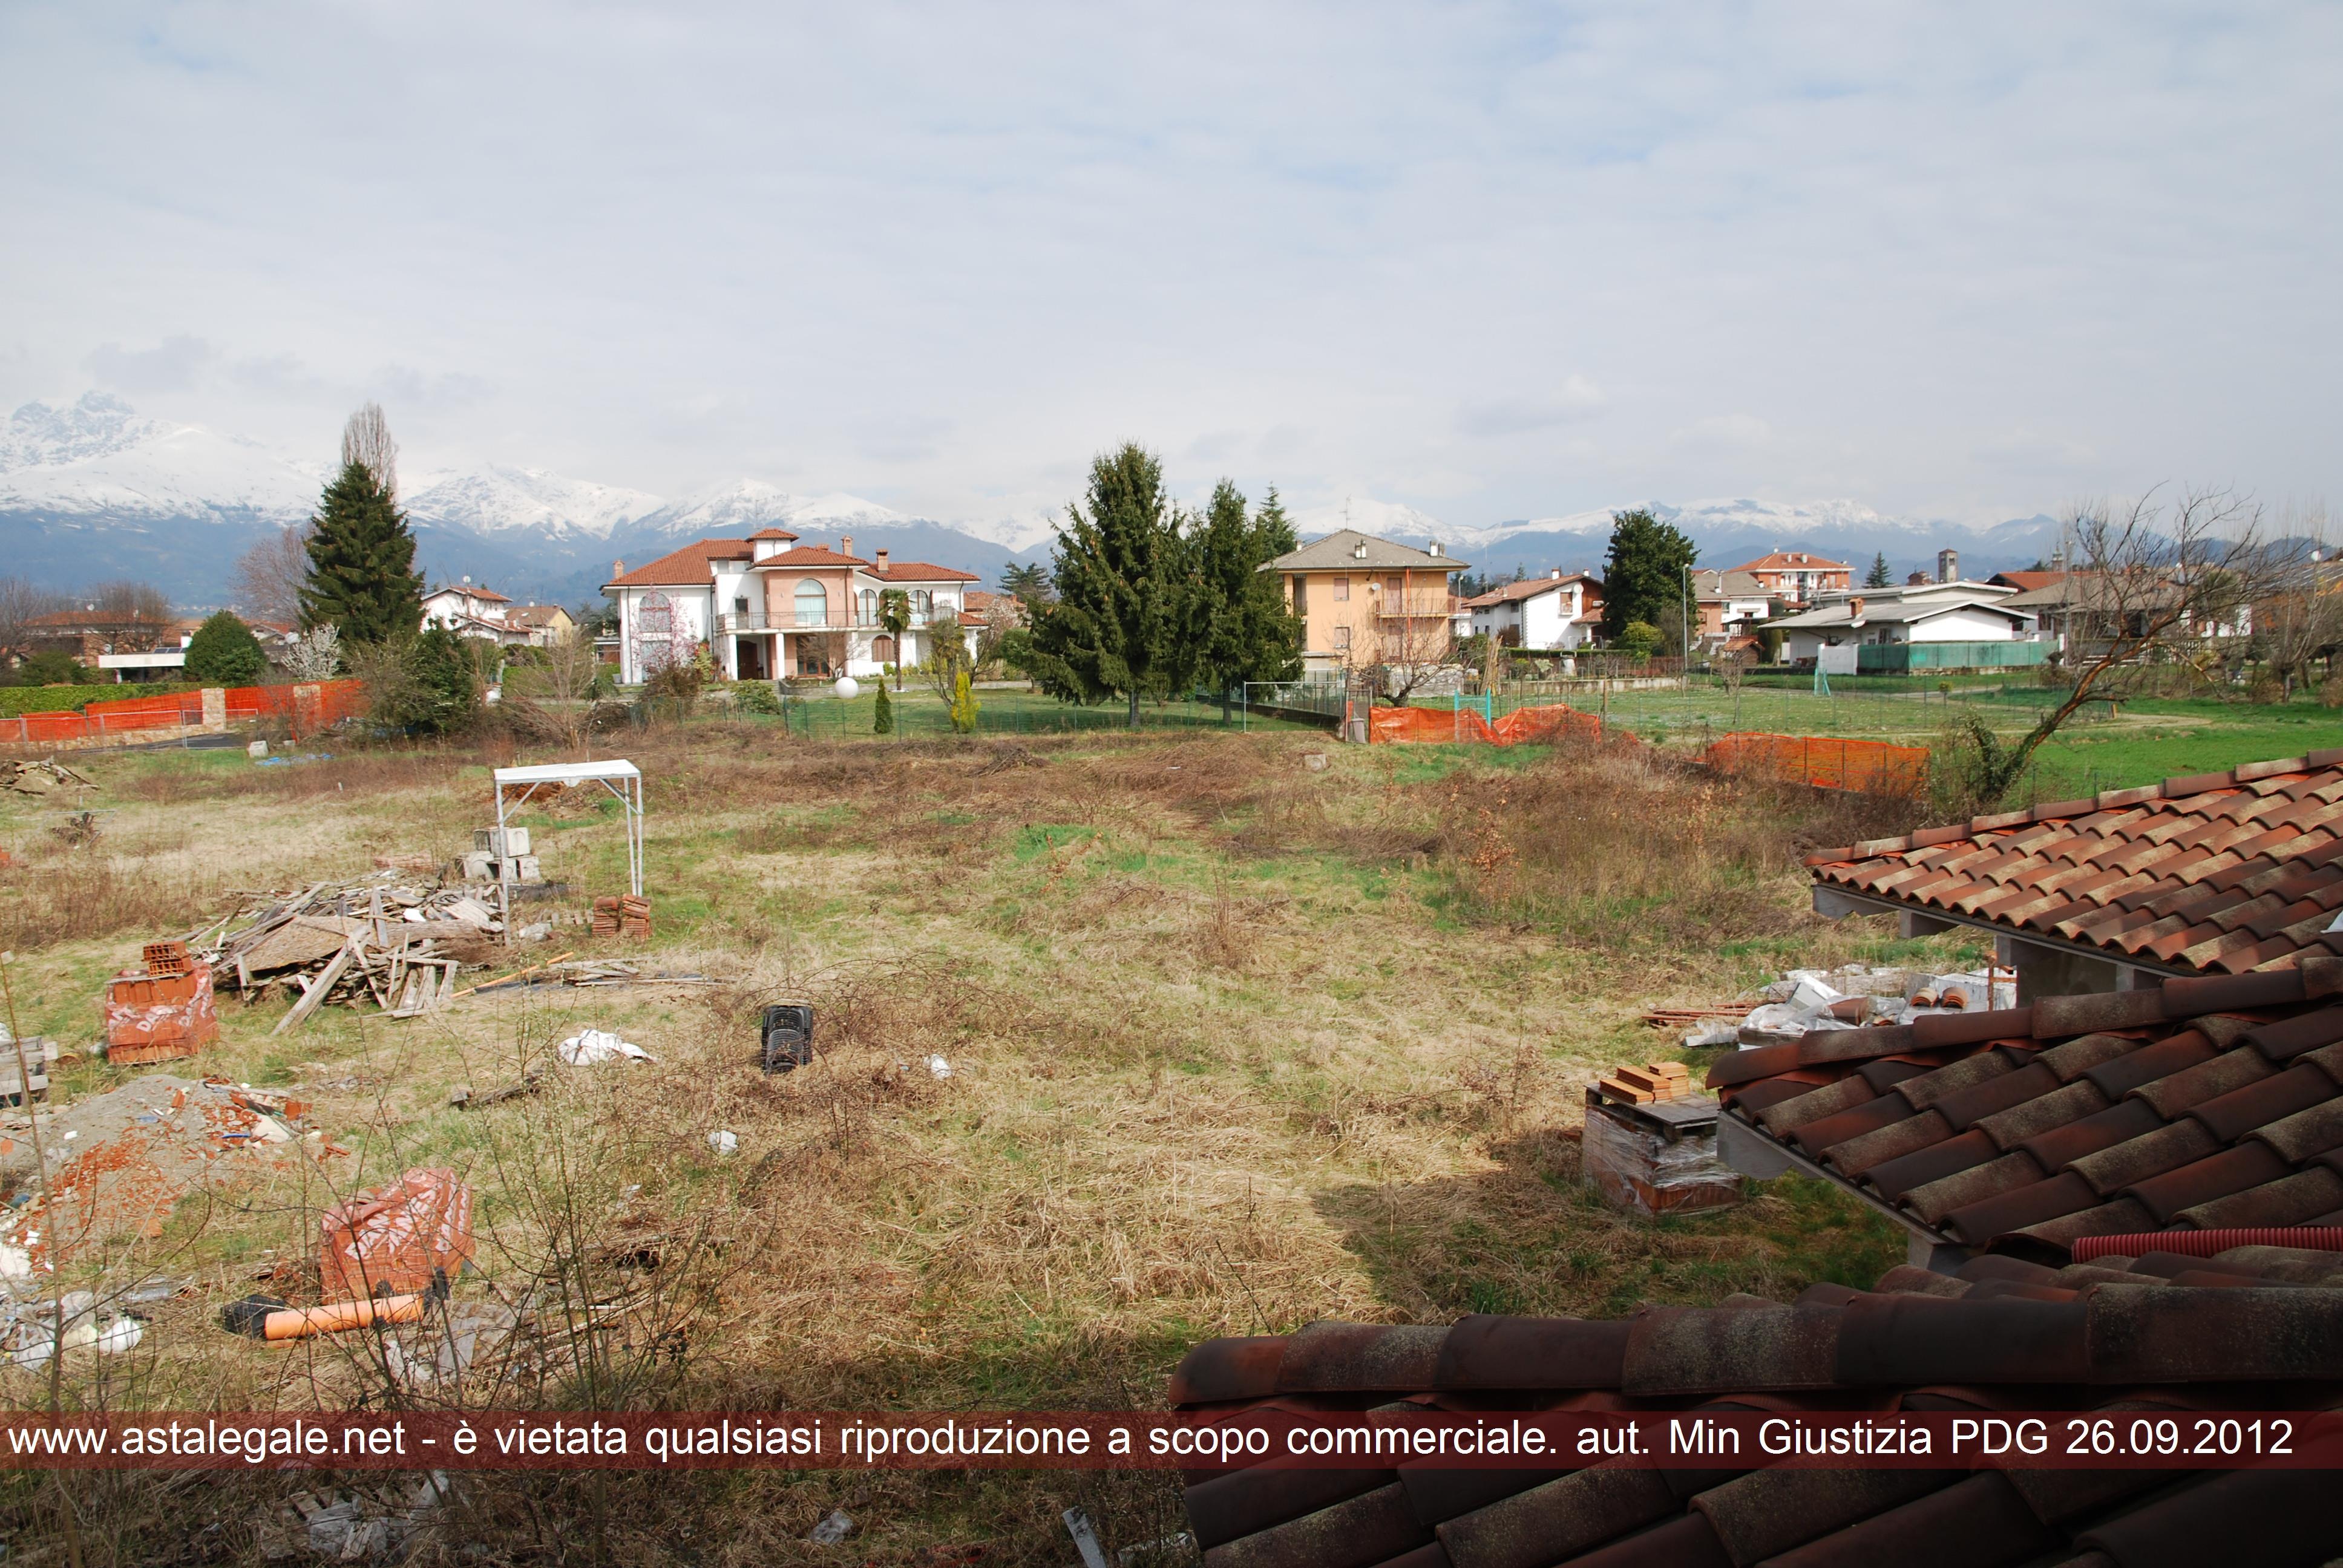 Ponderano (BI) Via Monte Rosa snc